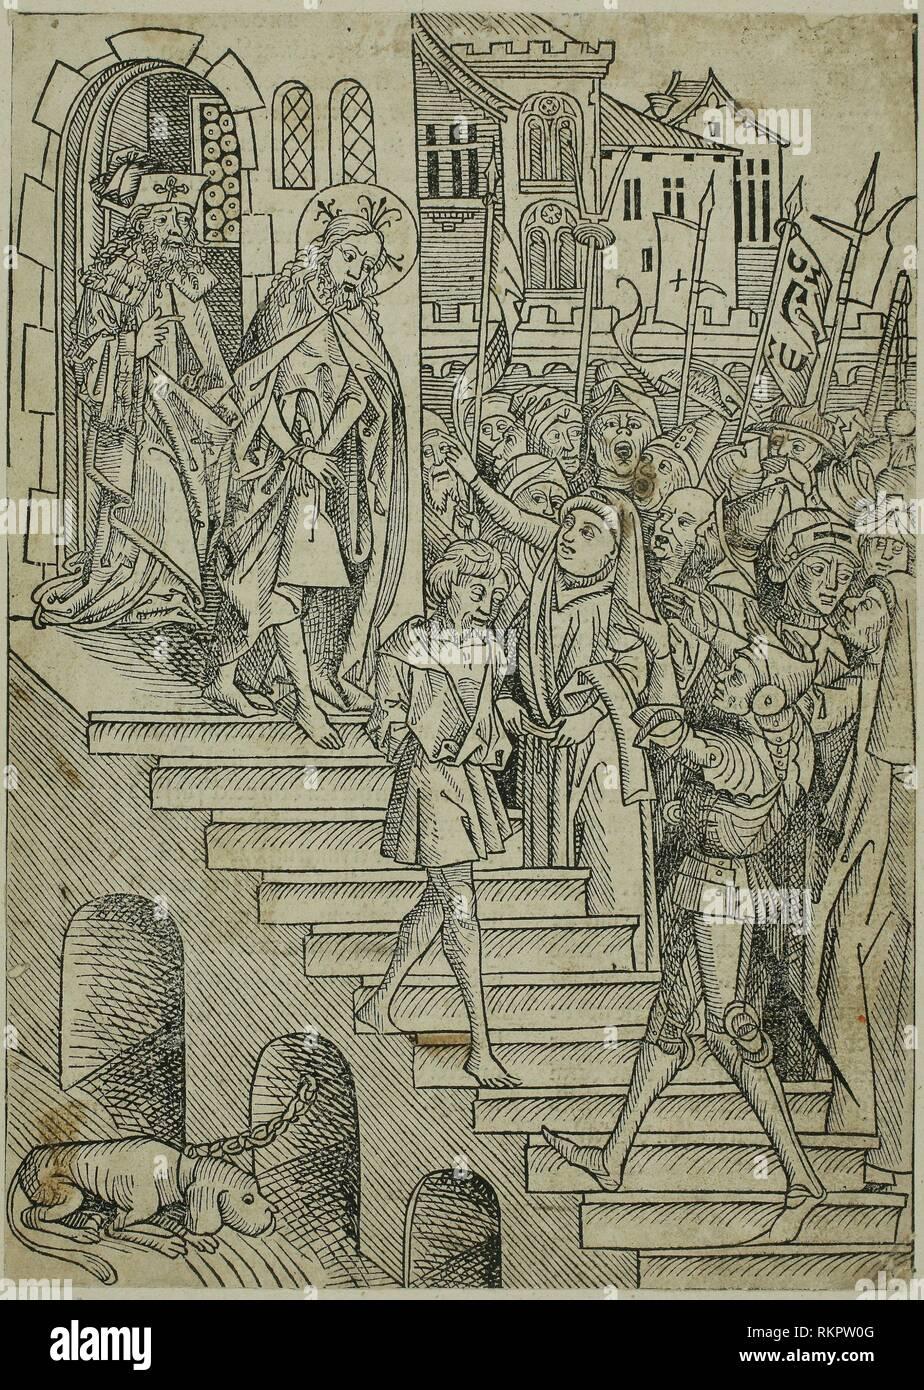 Cristo ha presentato al popolo, pagina 73 dal Tesoro (Schatzbehalter) - 1491 - Michael Wolgemut e Workshop (tedesco, 1434/37-1519) pubblicato da Immagini Stock